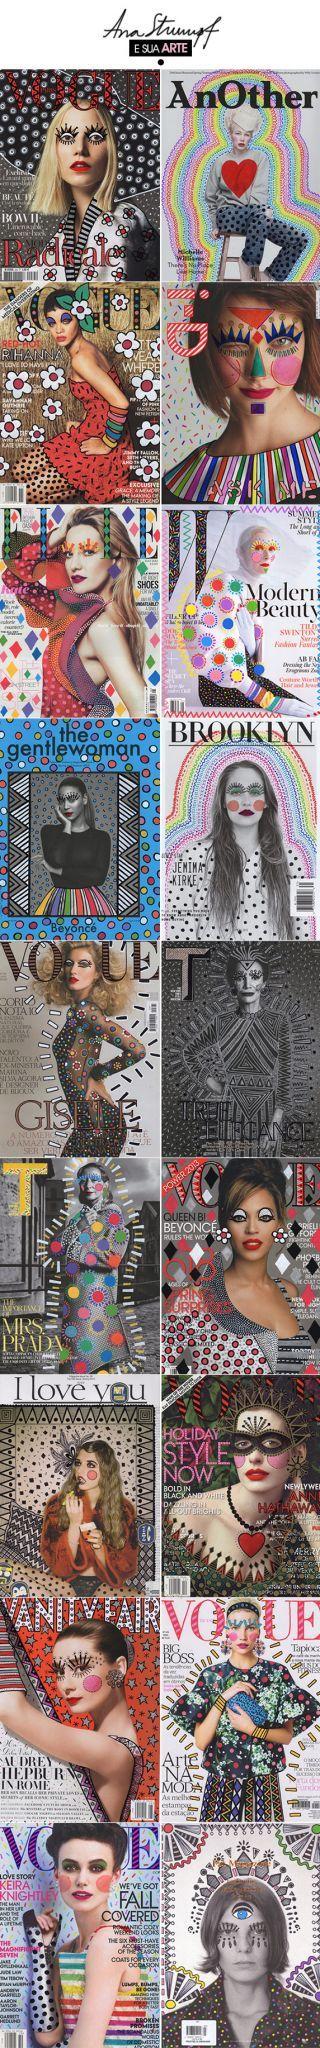 E essas capas de revistas by Ana Strumpf? Fazem parte do projeto Re.Cover - intervenções ilustradas com o uso de canetas sharpie e DecoColor. Cada capa é única!